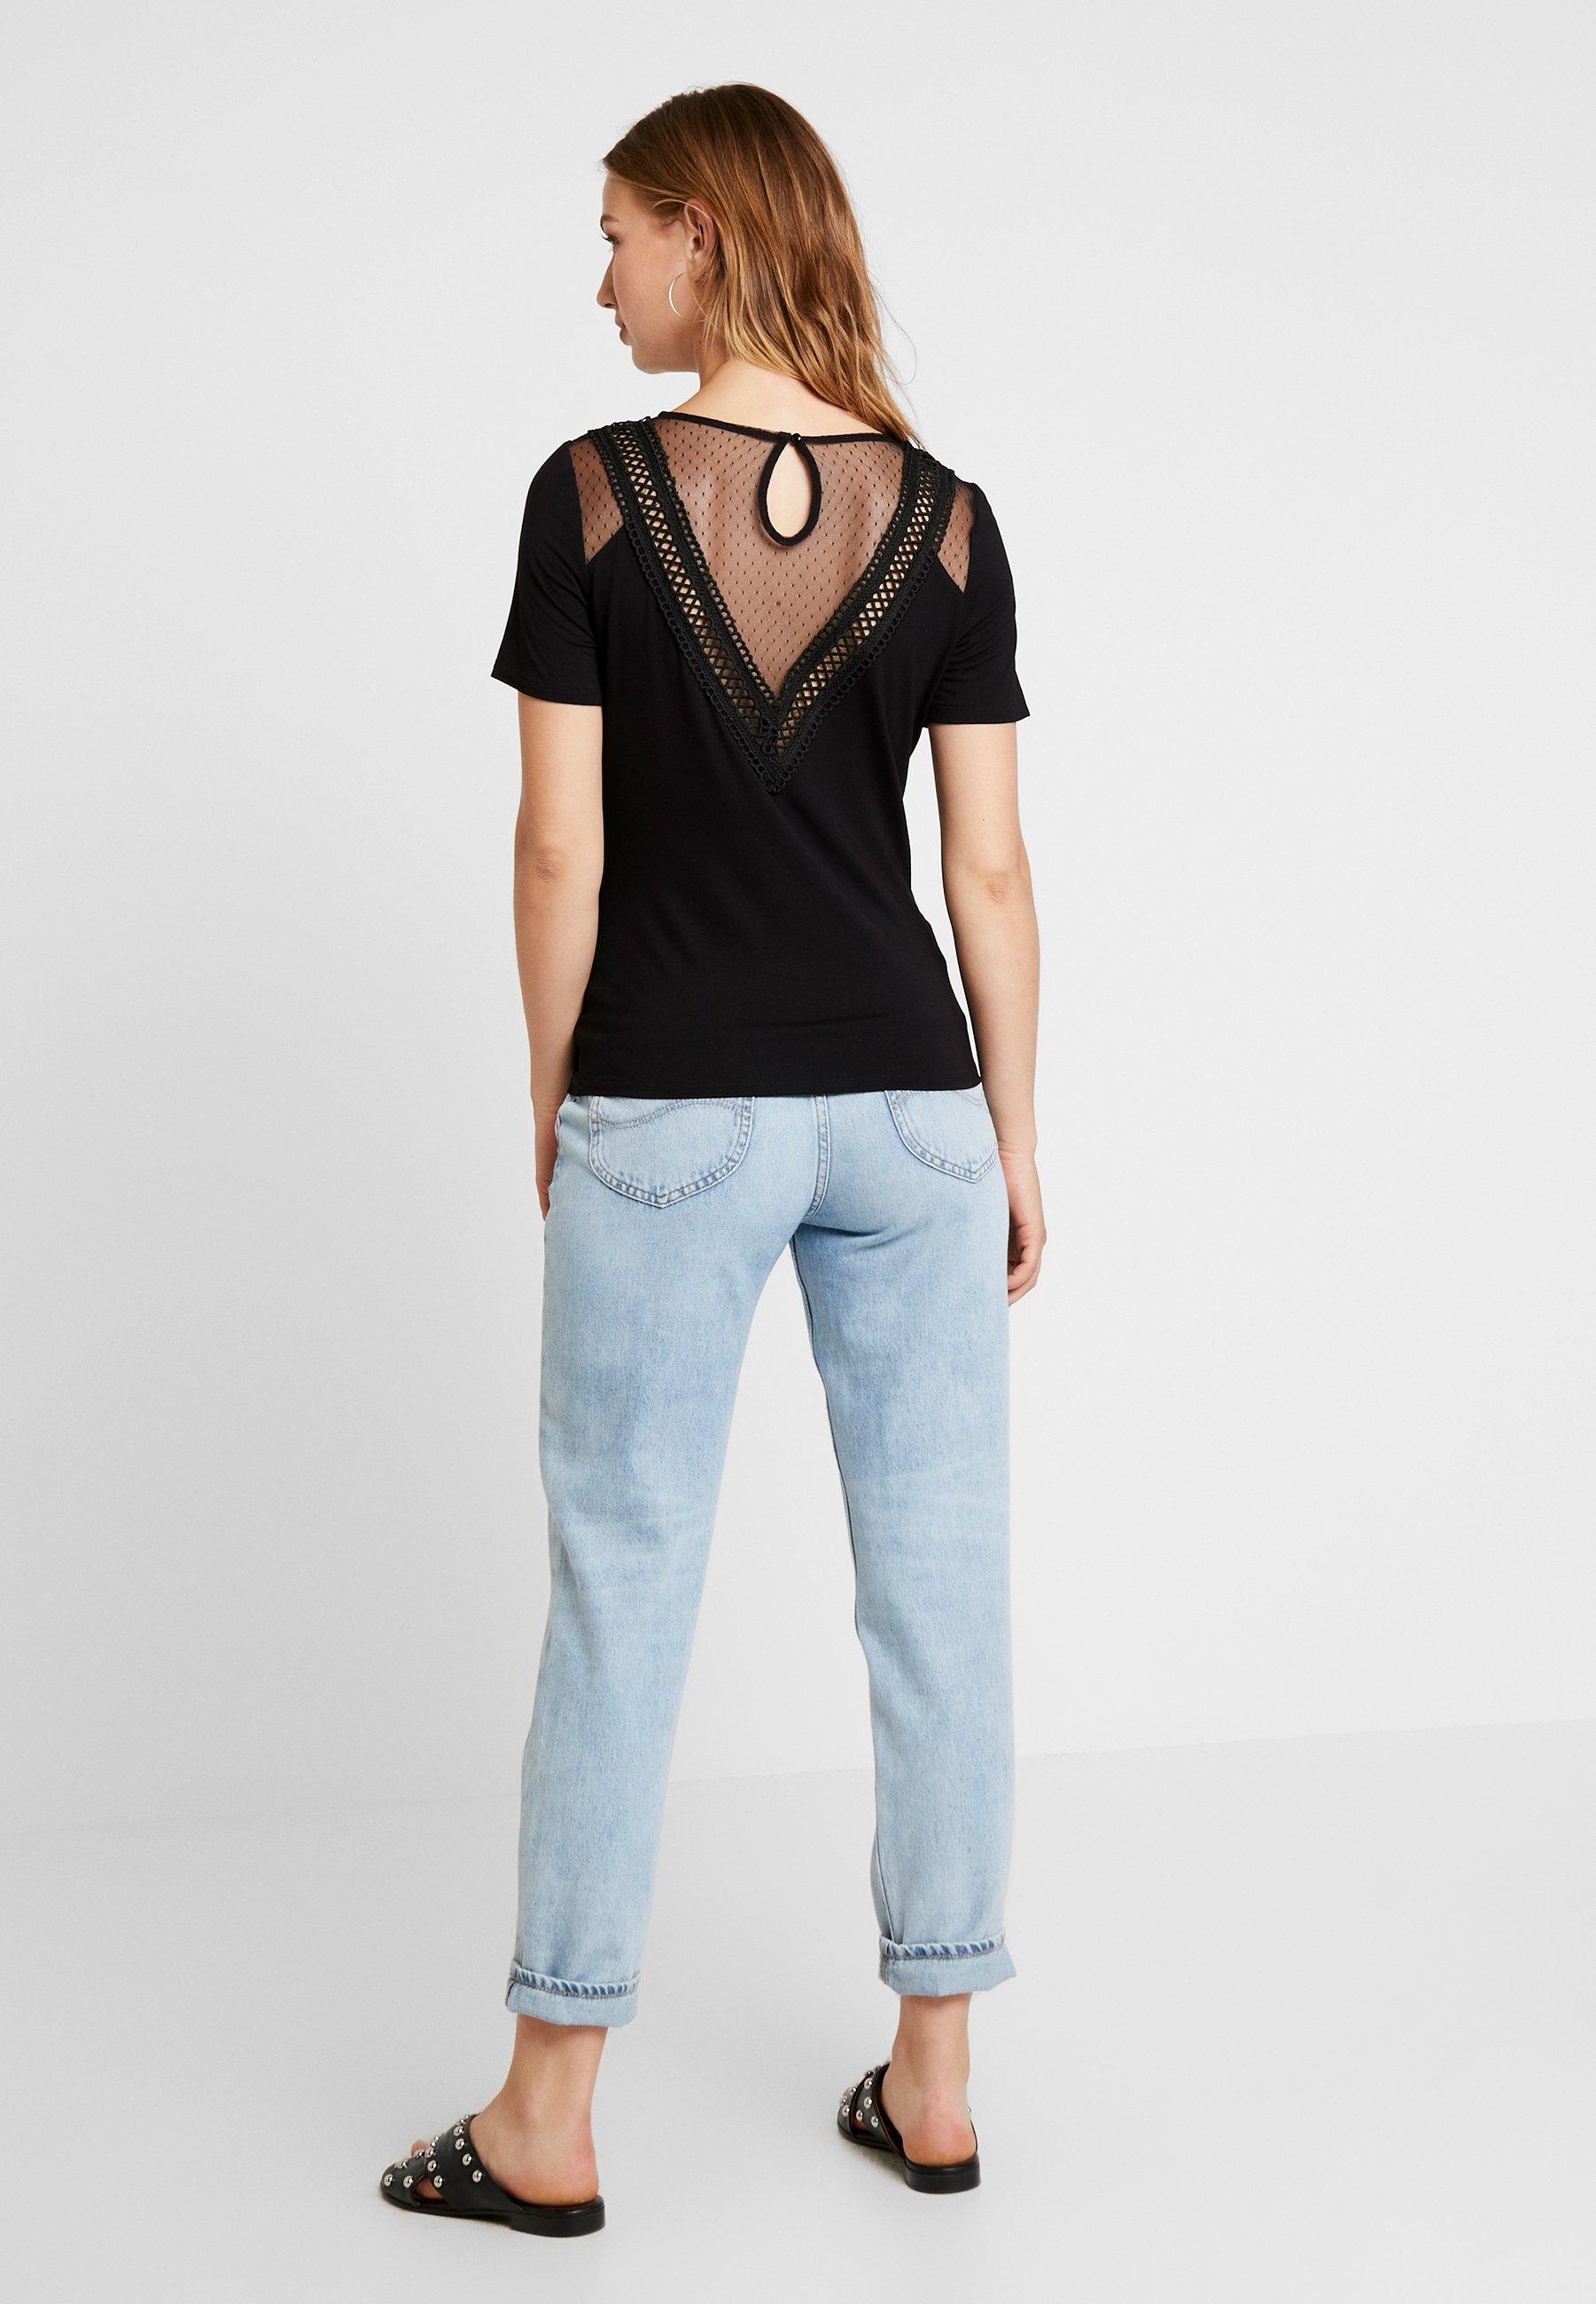 Imprimé shirt Morgan Morgan DreamT Noir BCdoex